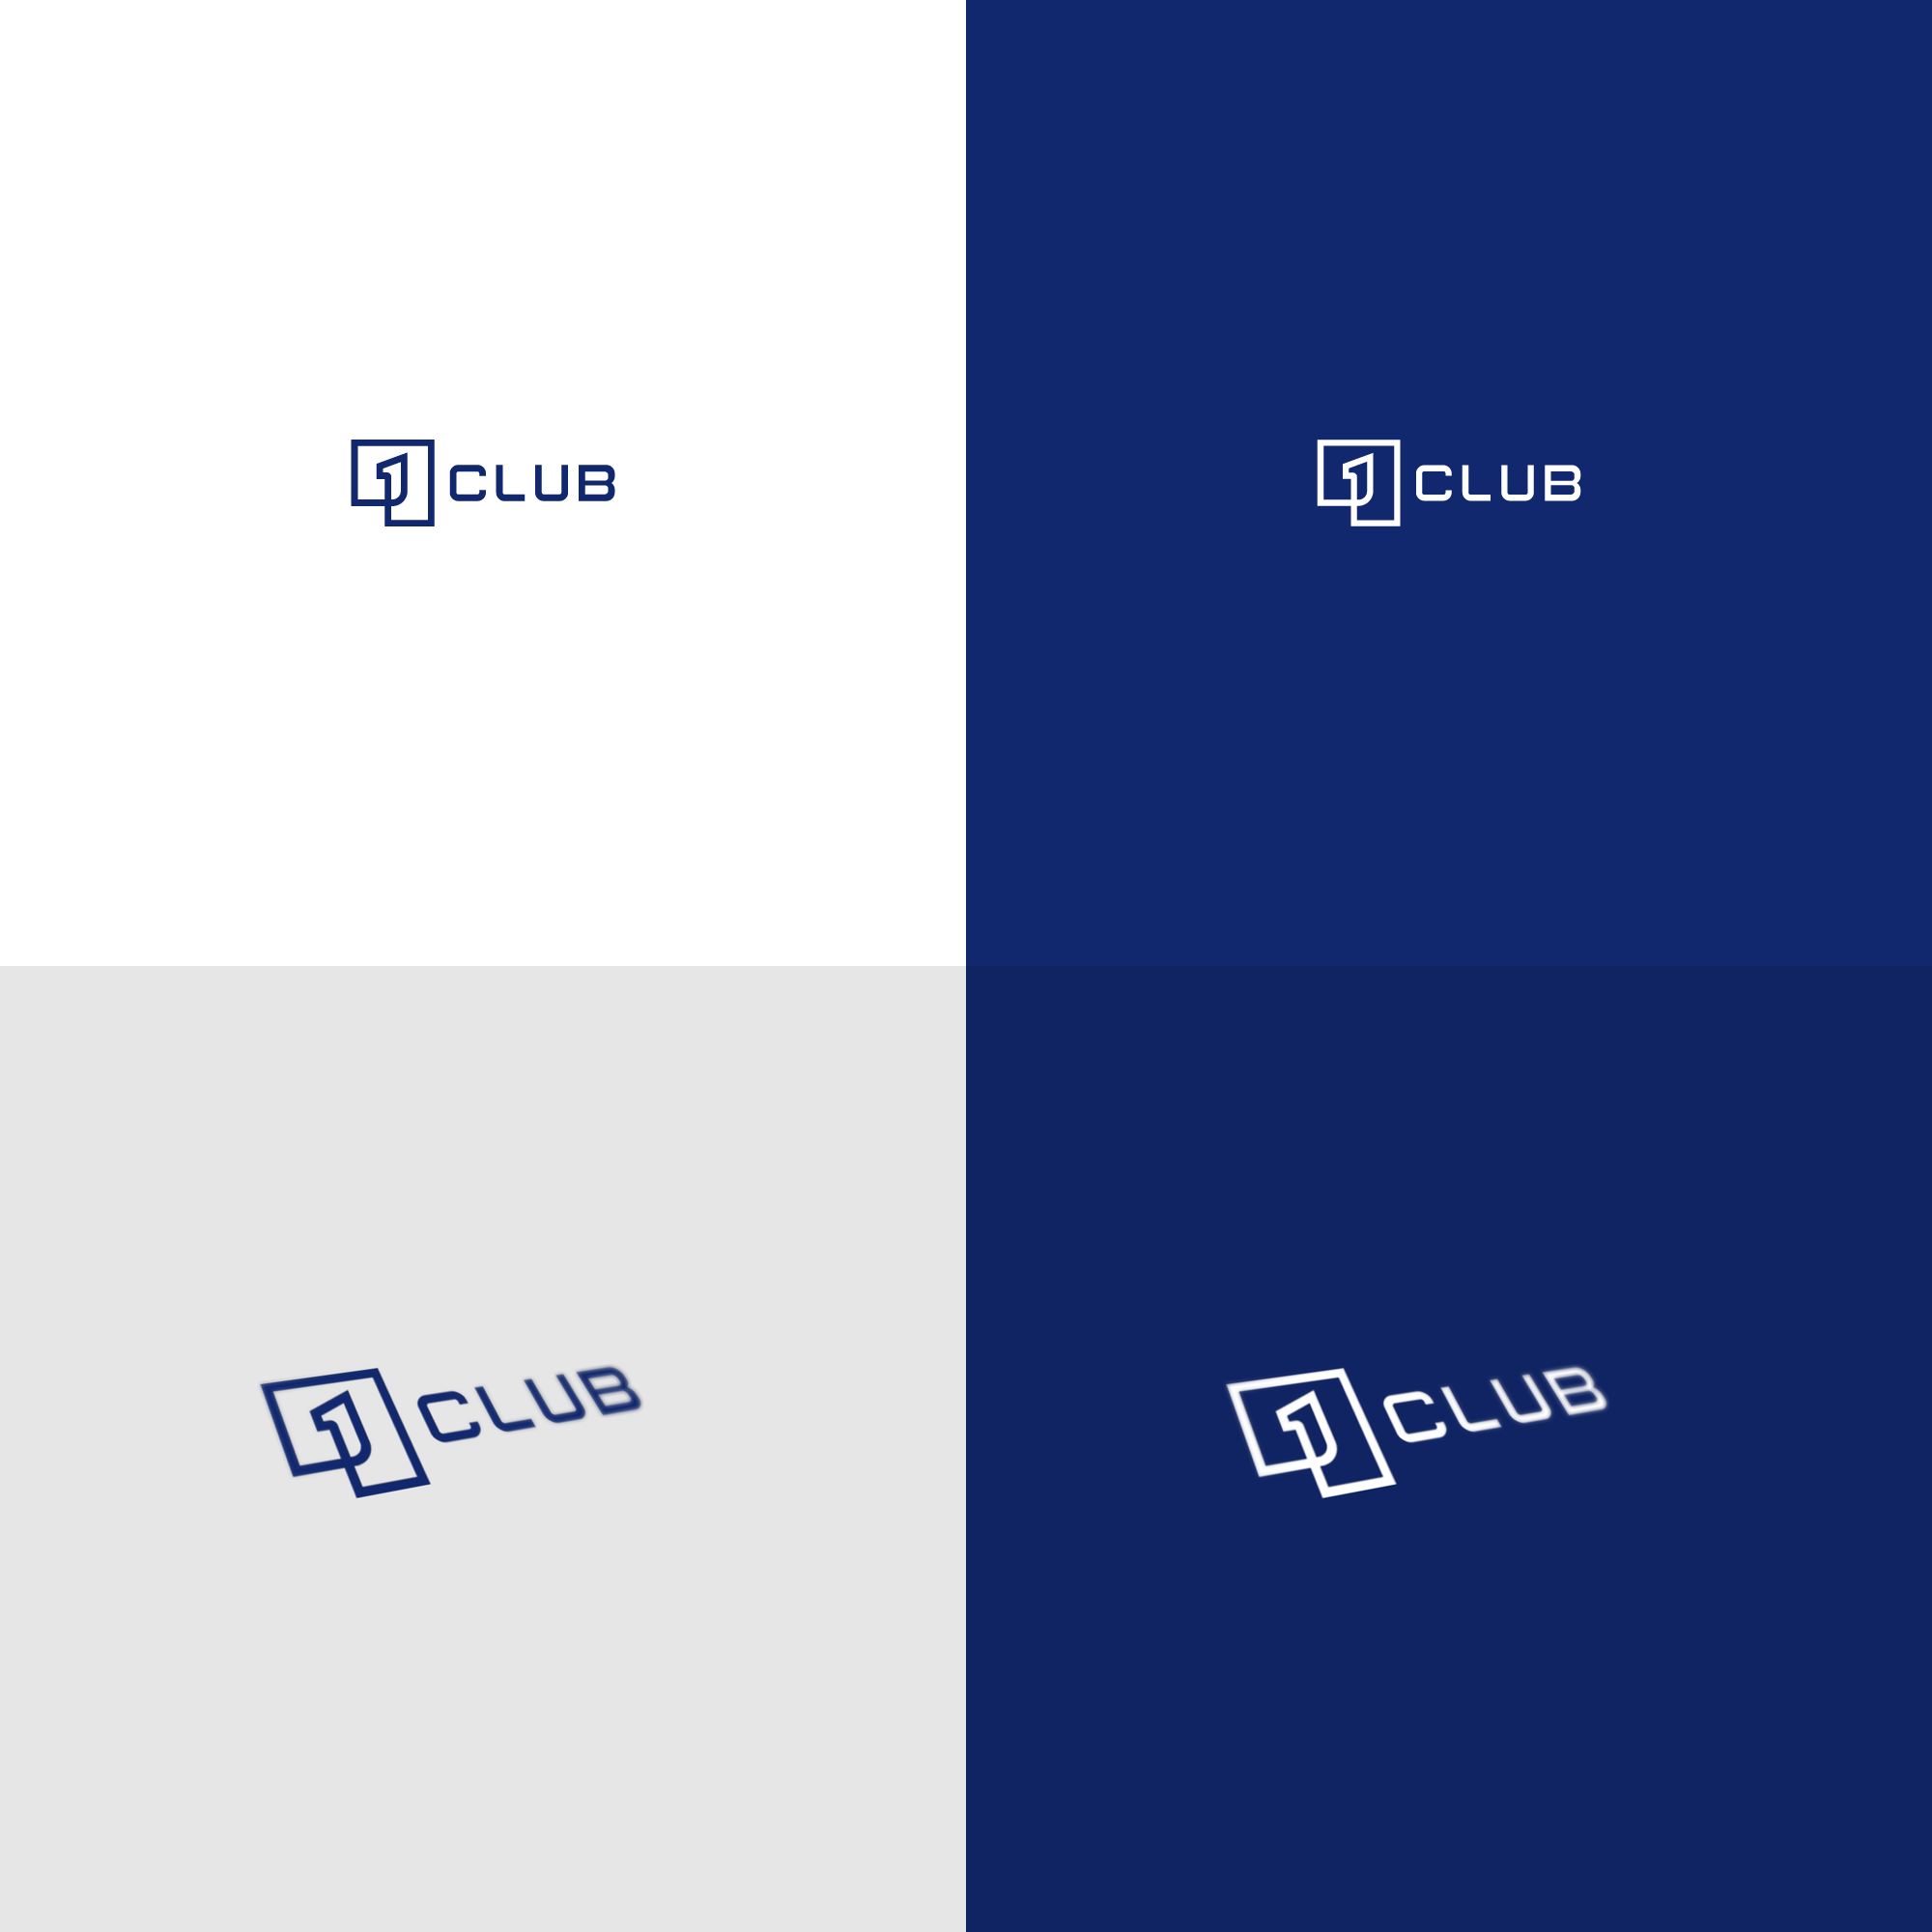 Логотип делового клуба фото f_2435f85987567b8f.png